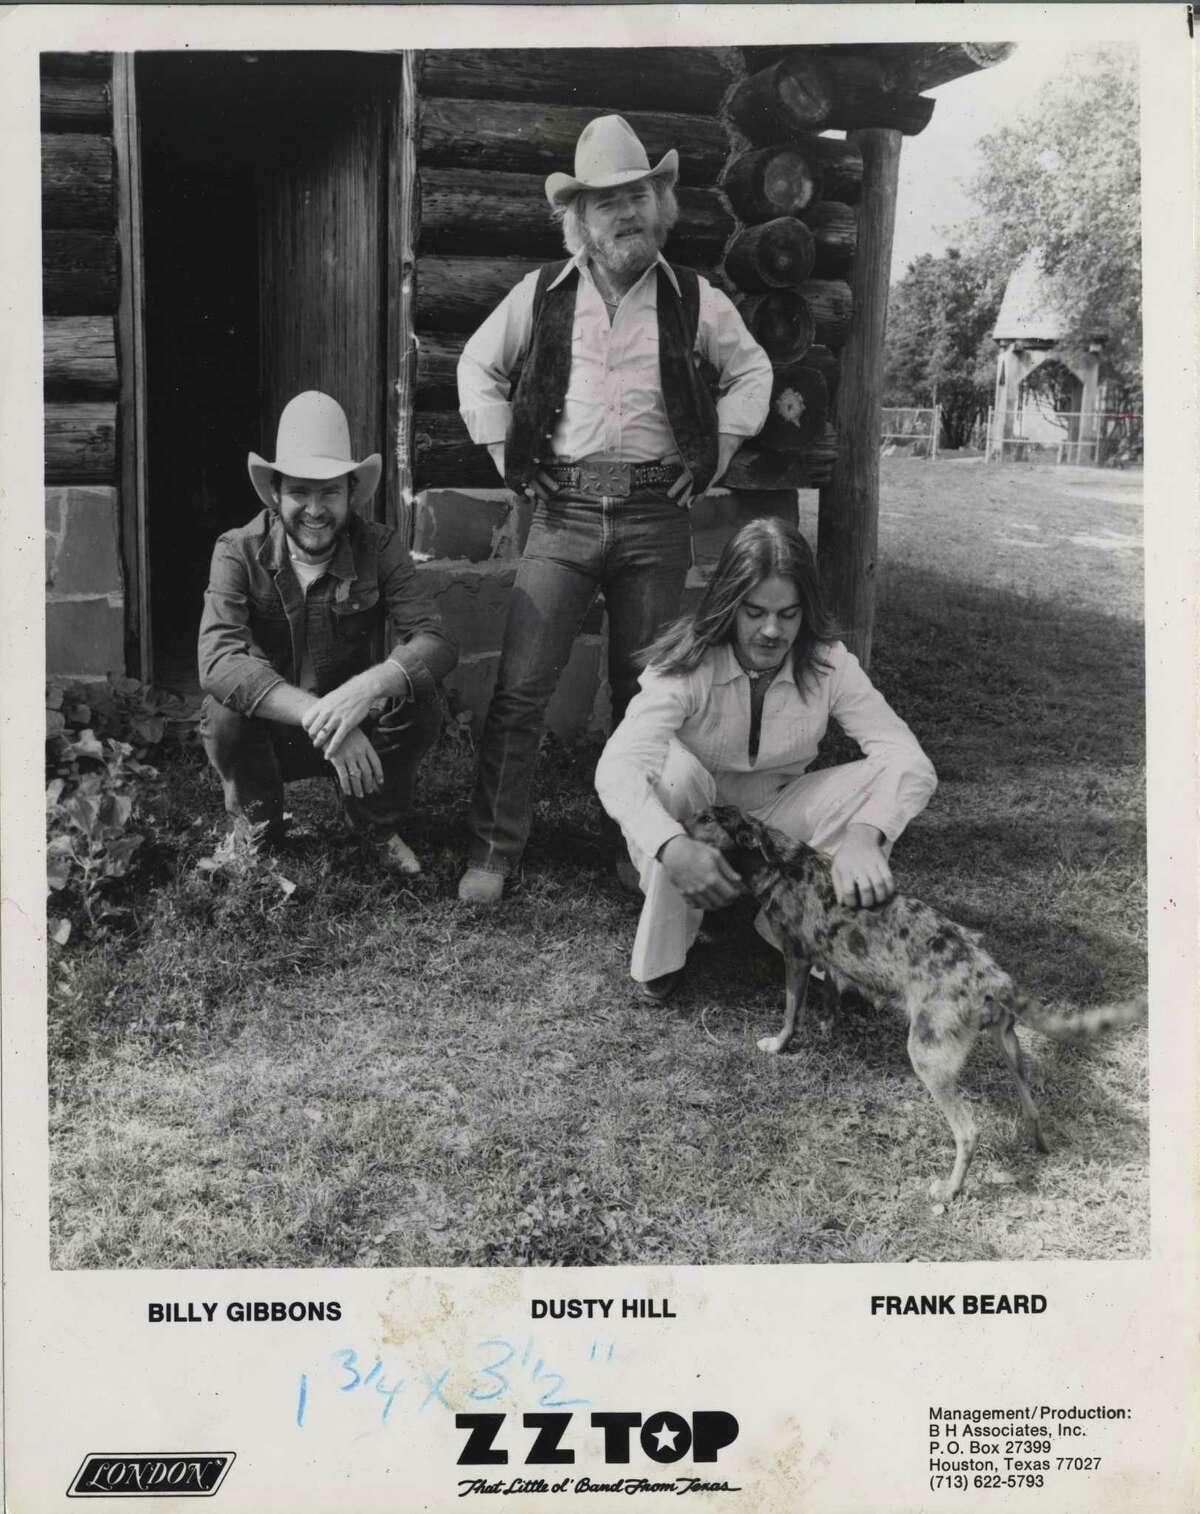 ZZ TOP -- Billy Gibbons, Dusty Hill, & Frank Beard of Z.Z. Top